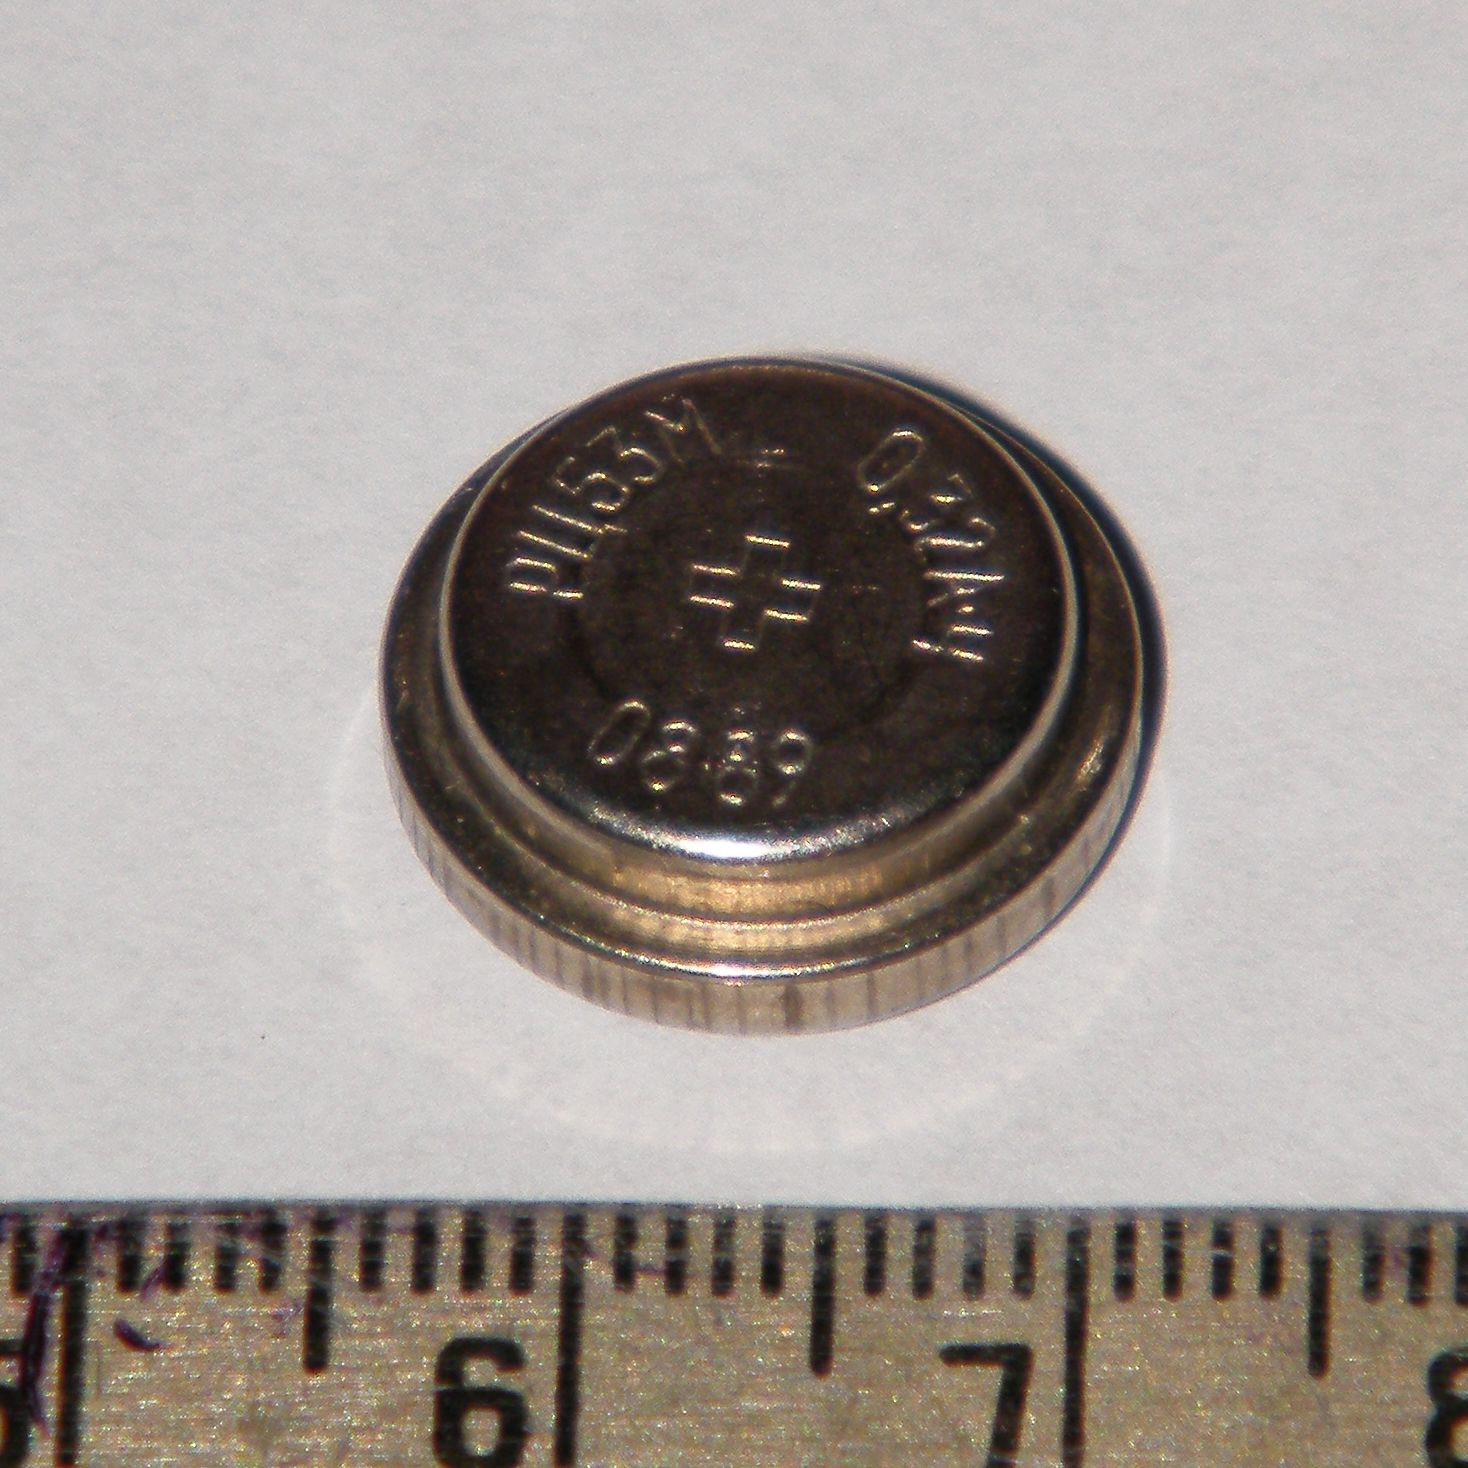 Mercury battery - Wikipedia